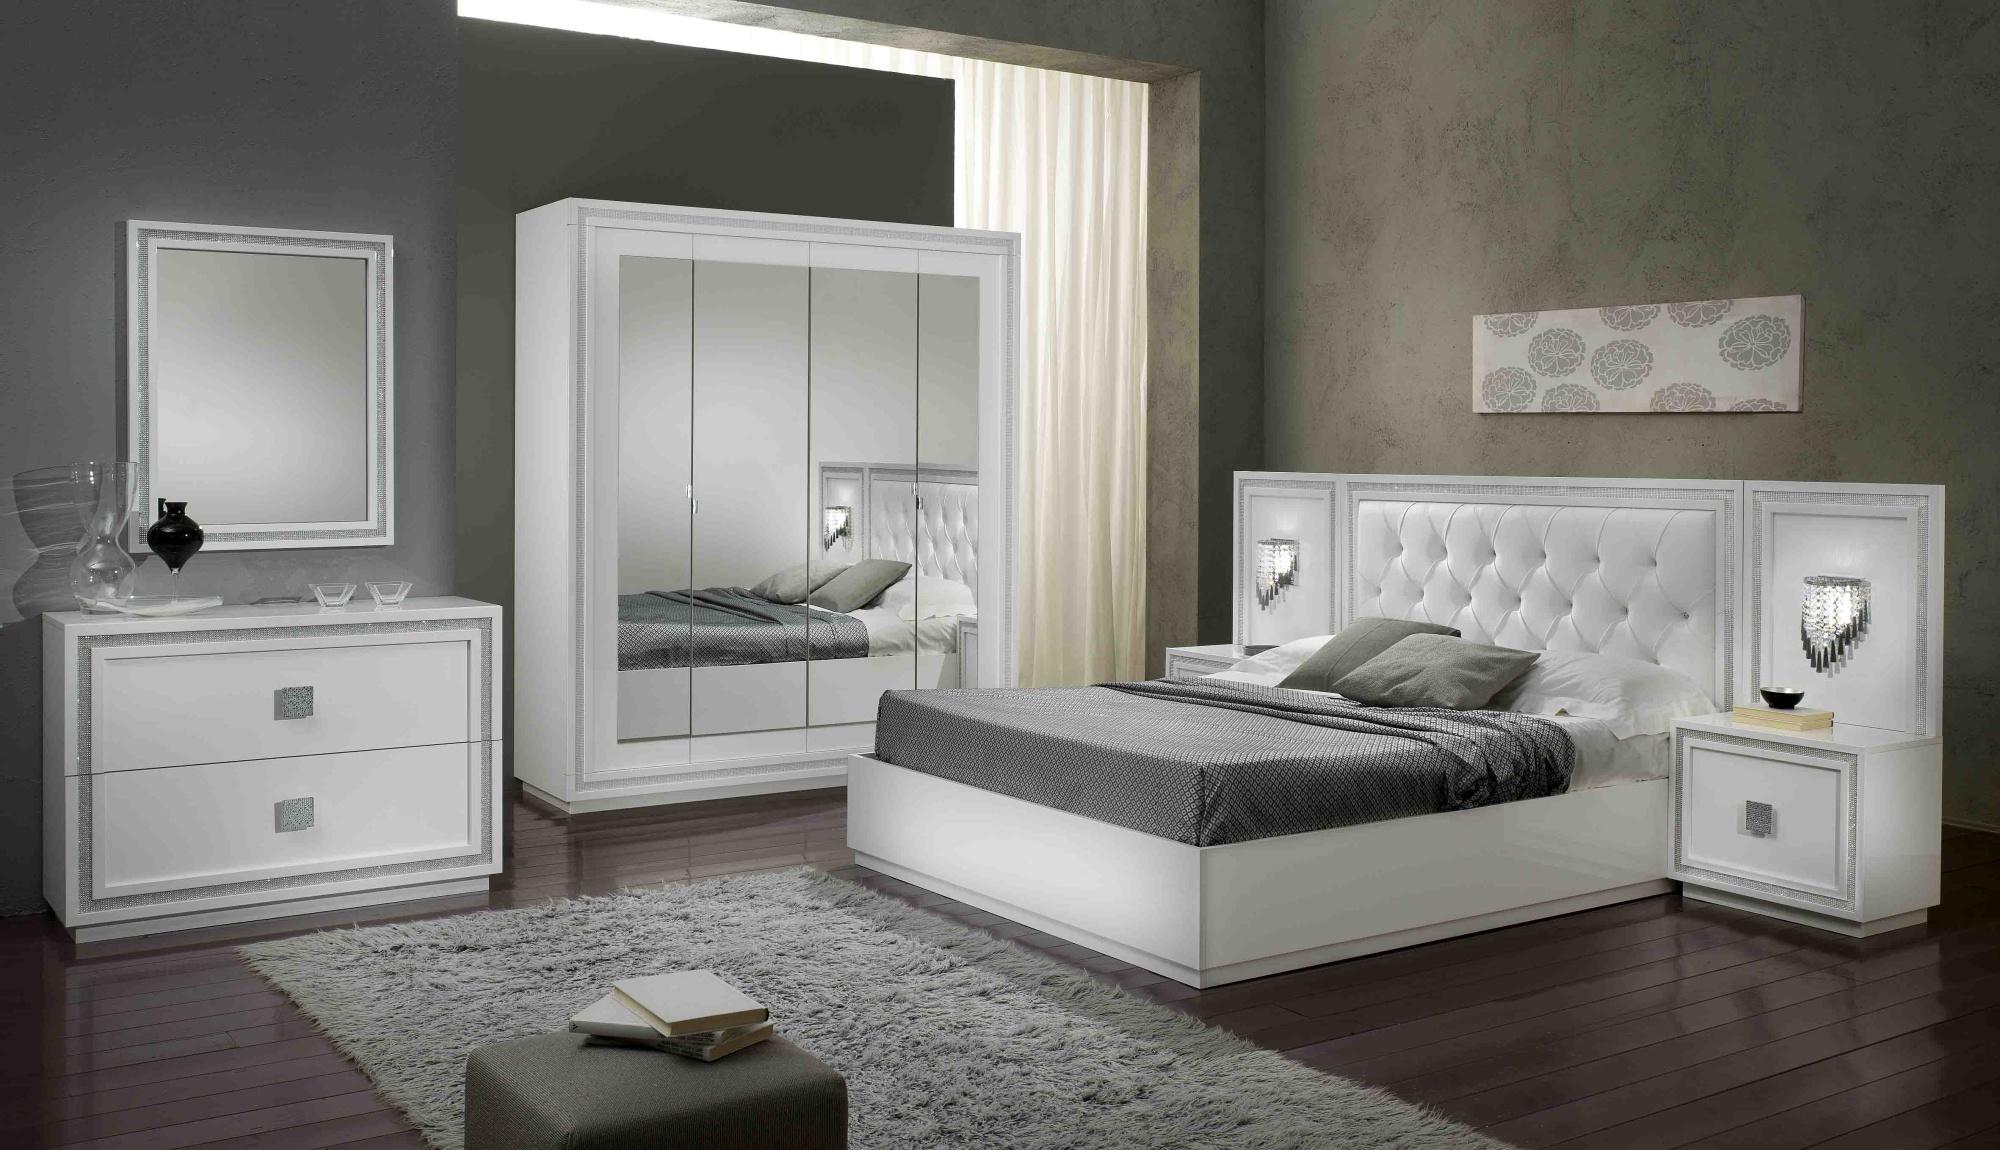 Chambre Adulte Complète Design Laquée Blanche Cristalline